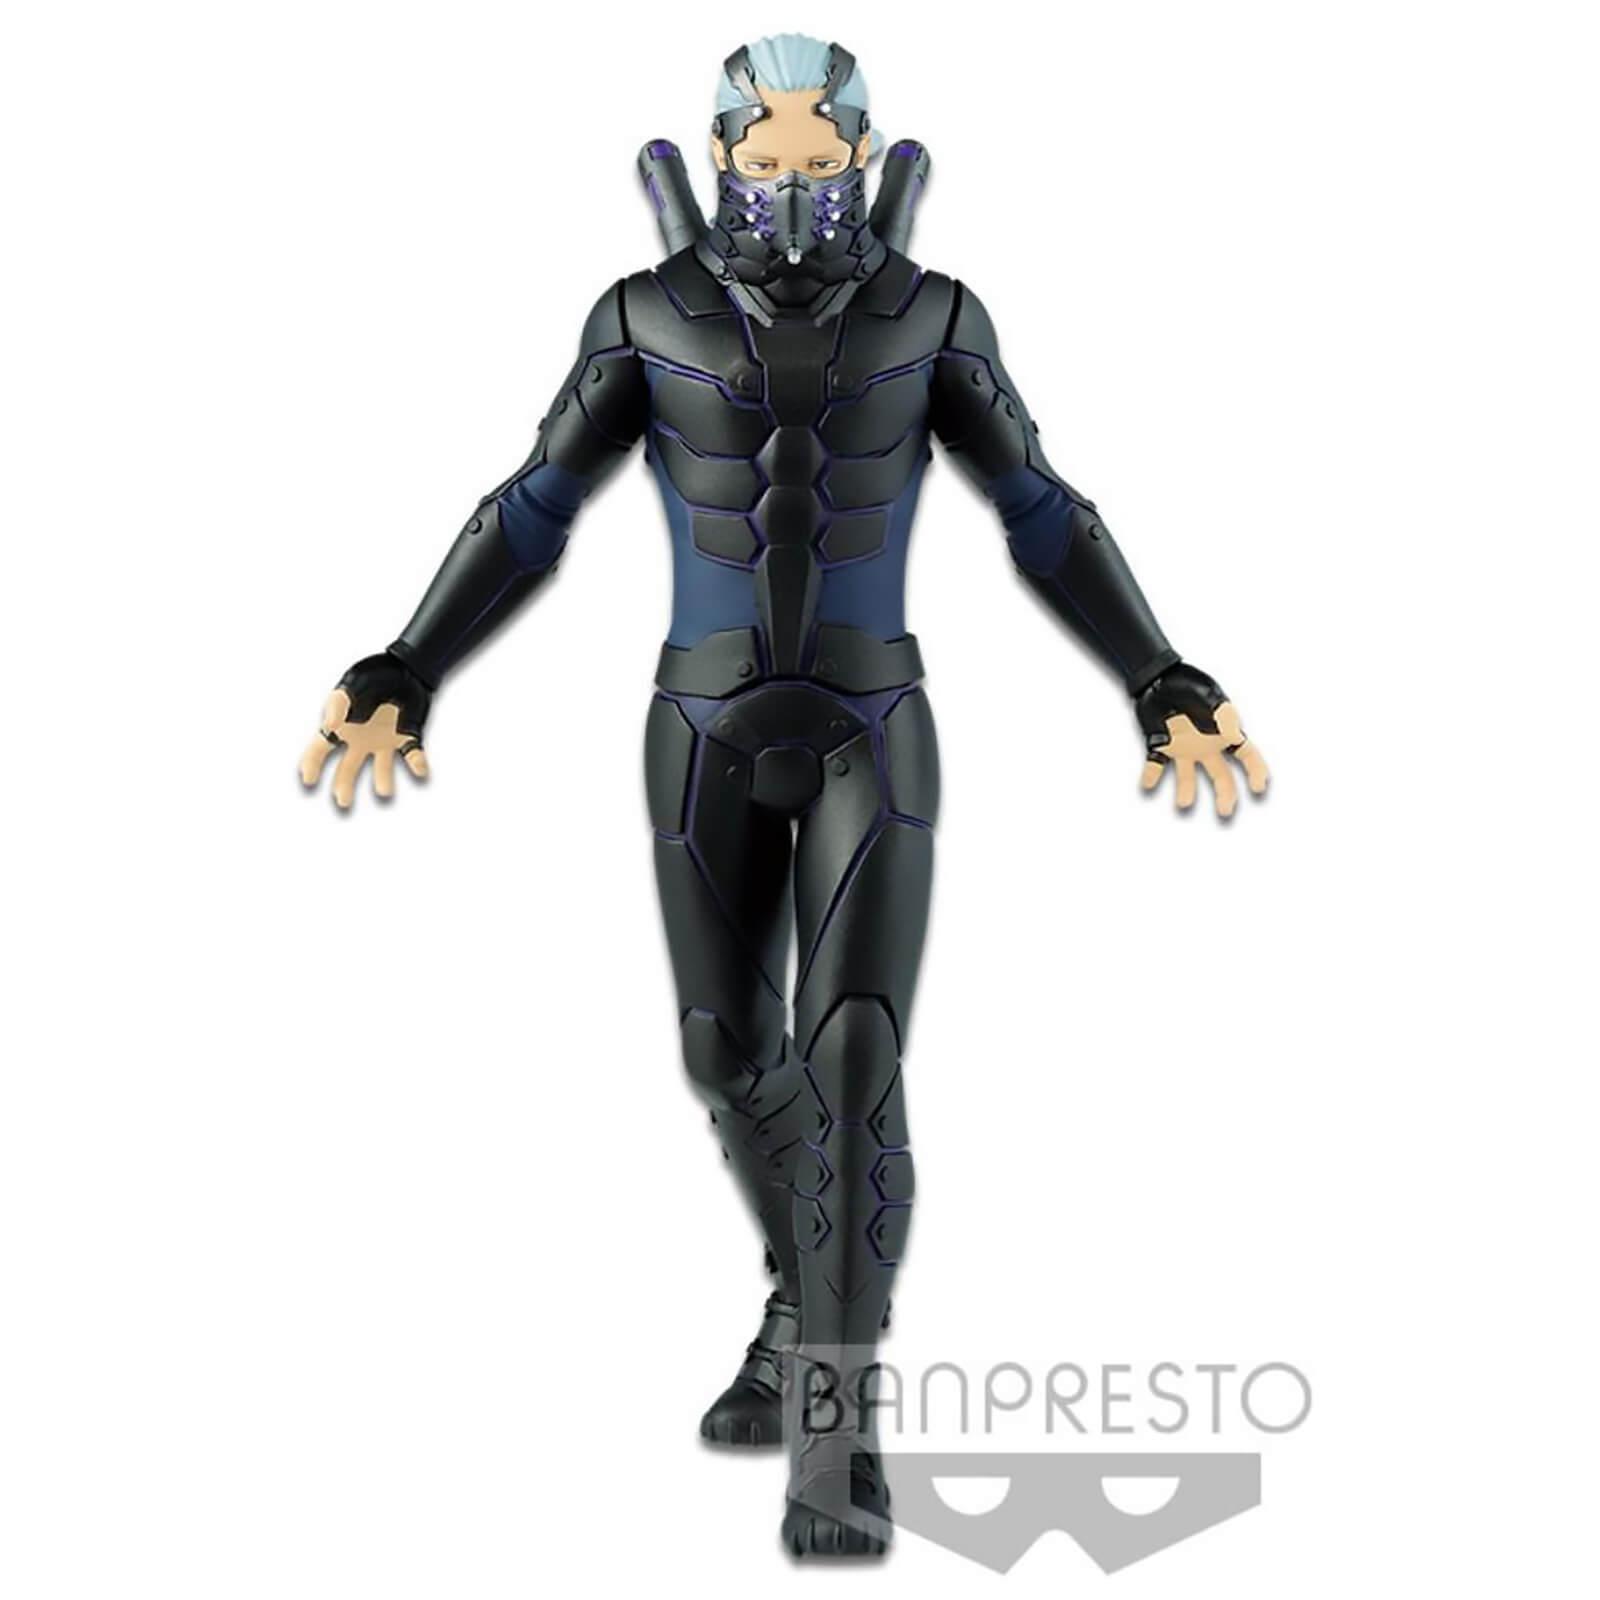 Statuetta My Hero Academia The Movie Heroes: Rising Vs Hero-Nine - Banpresto